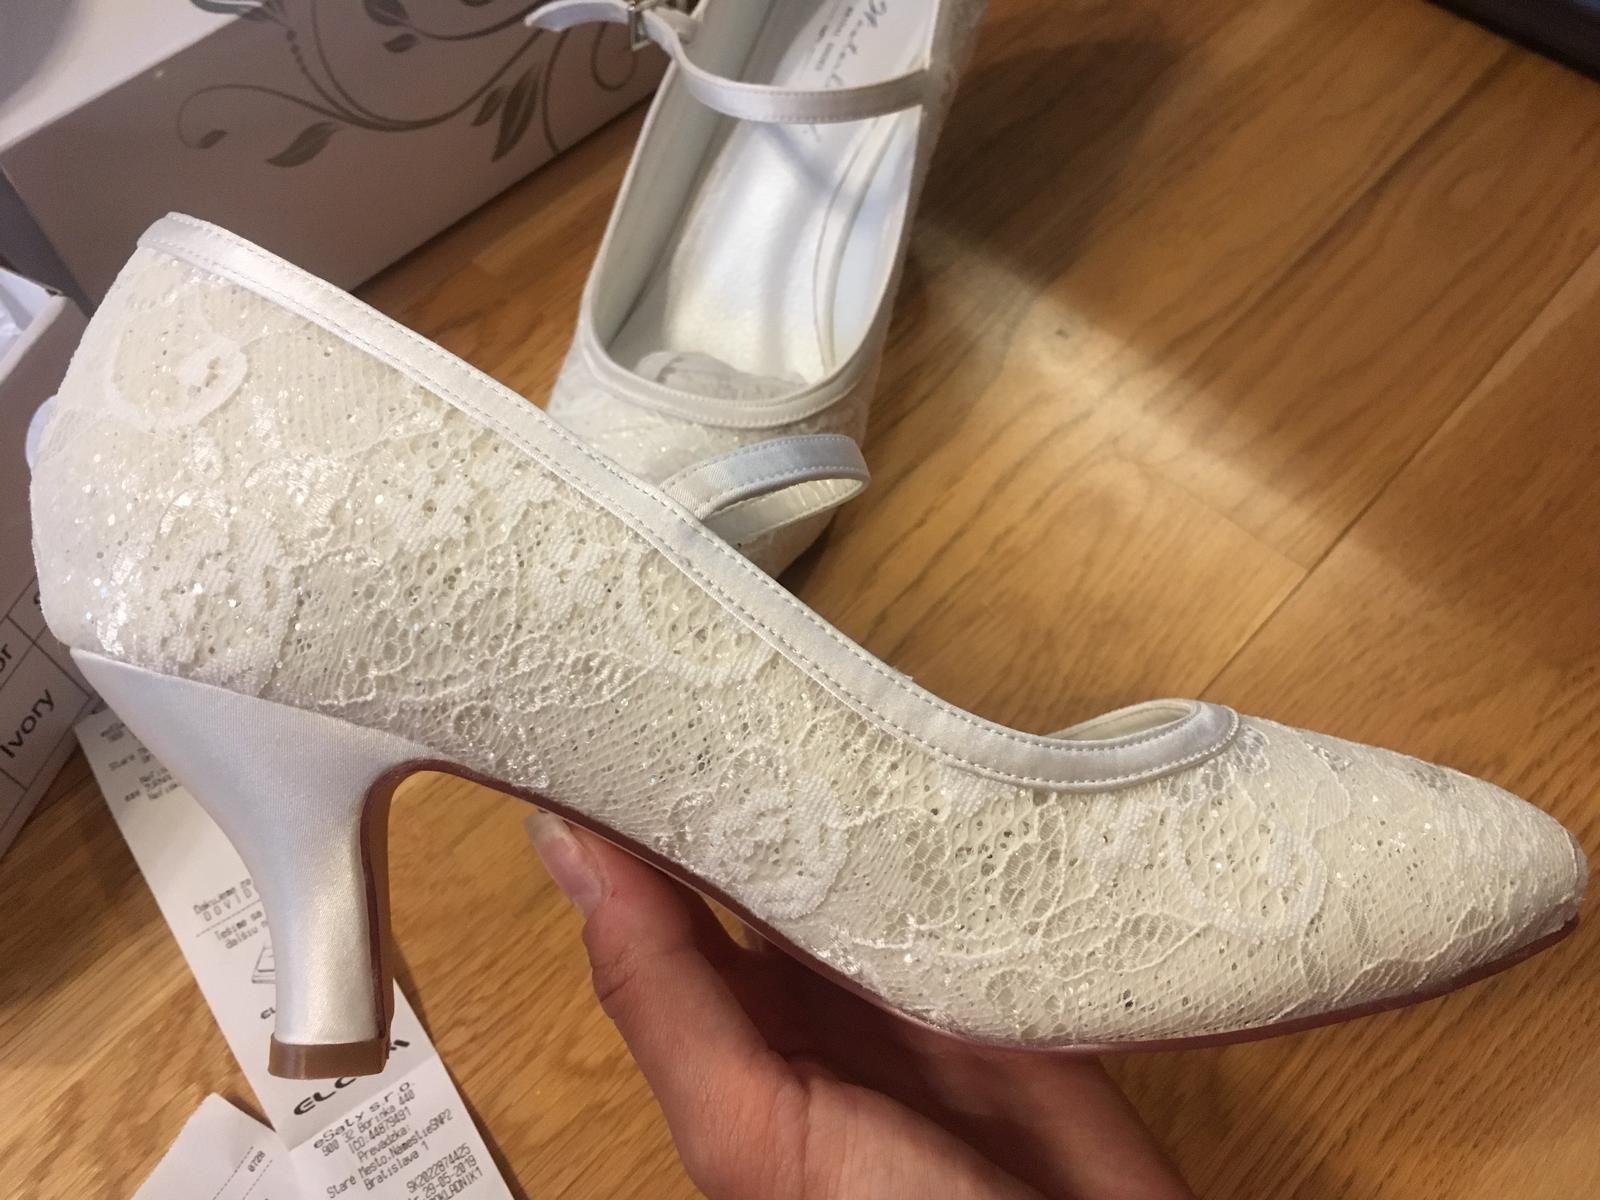 Tanečné svadobné topánky g. Westerleigh nepoužité - Obrázok č. 1